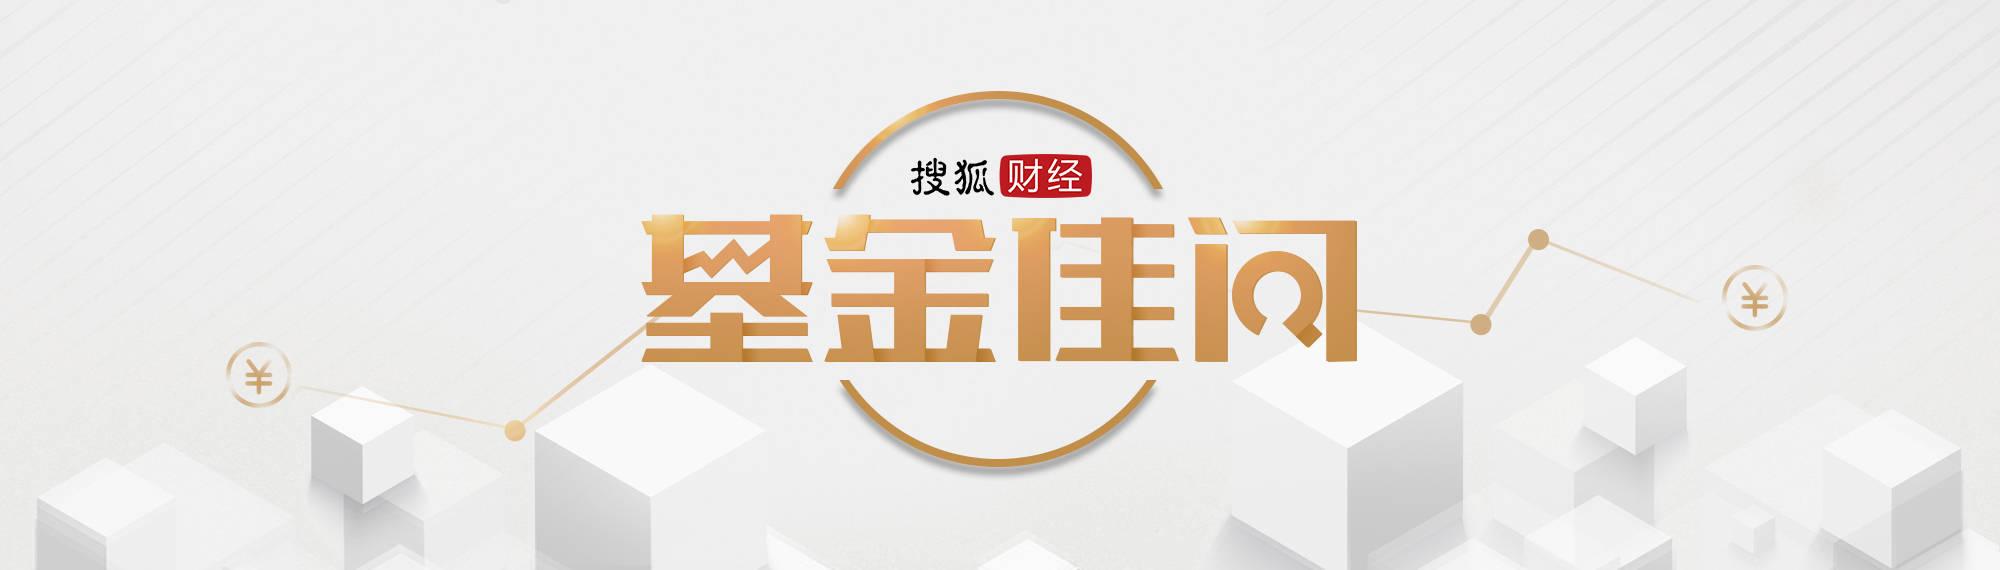 京顺长城詹成:技术创新和消费升级是未来最具成长性的行业|基金问题24号